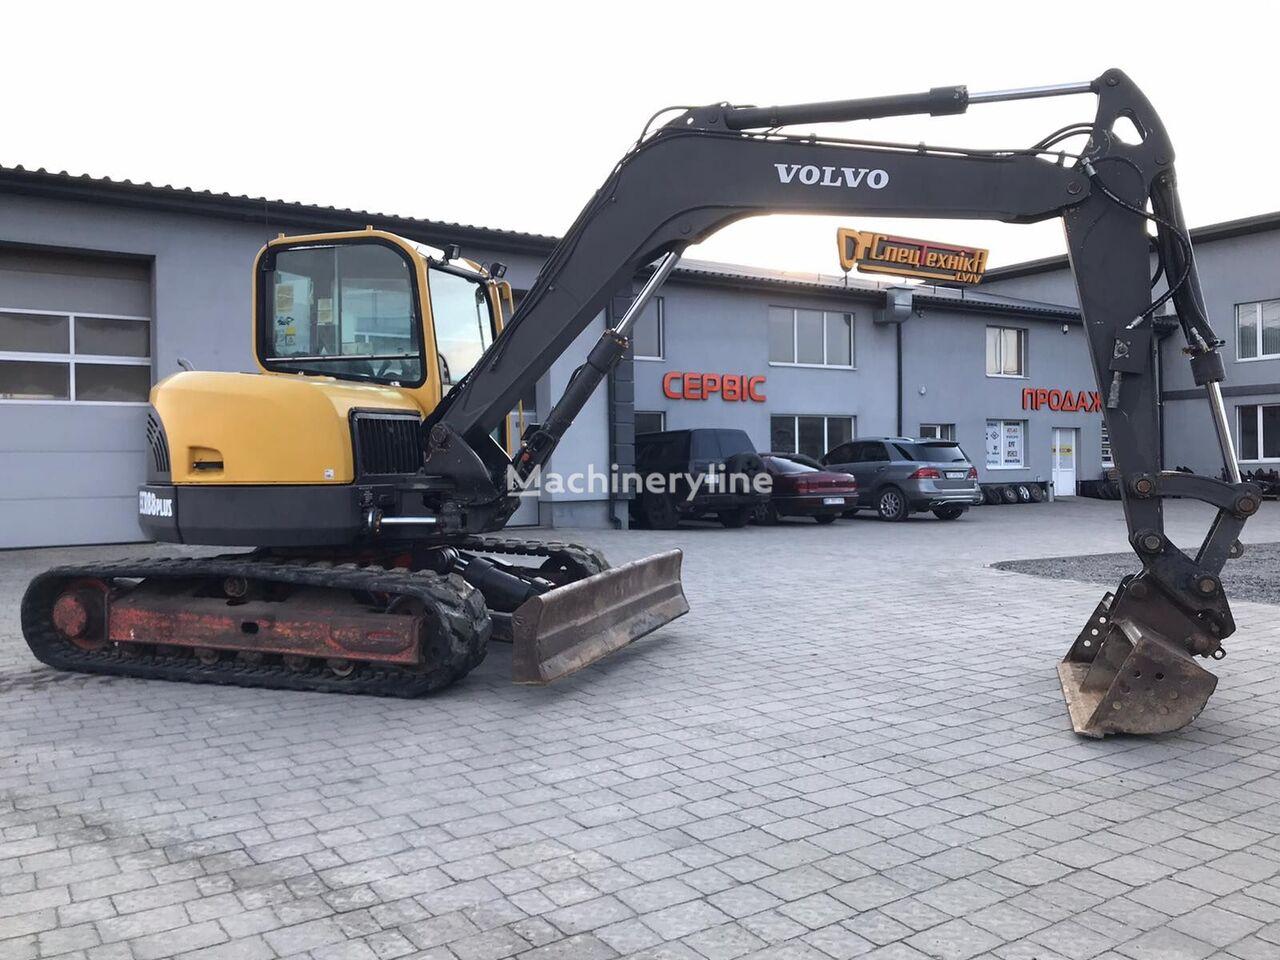 VOLVO ECR88 Plus mini excavator